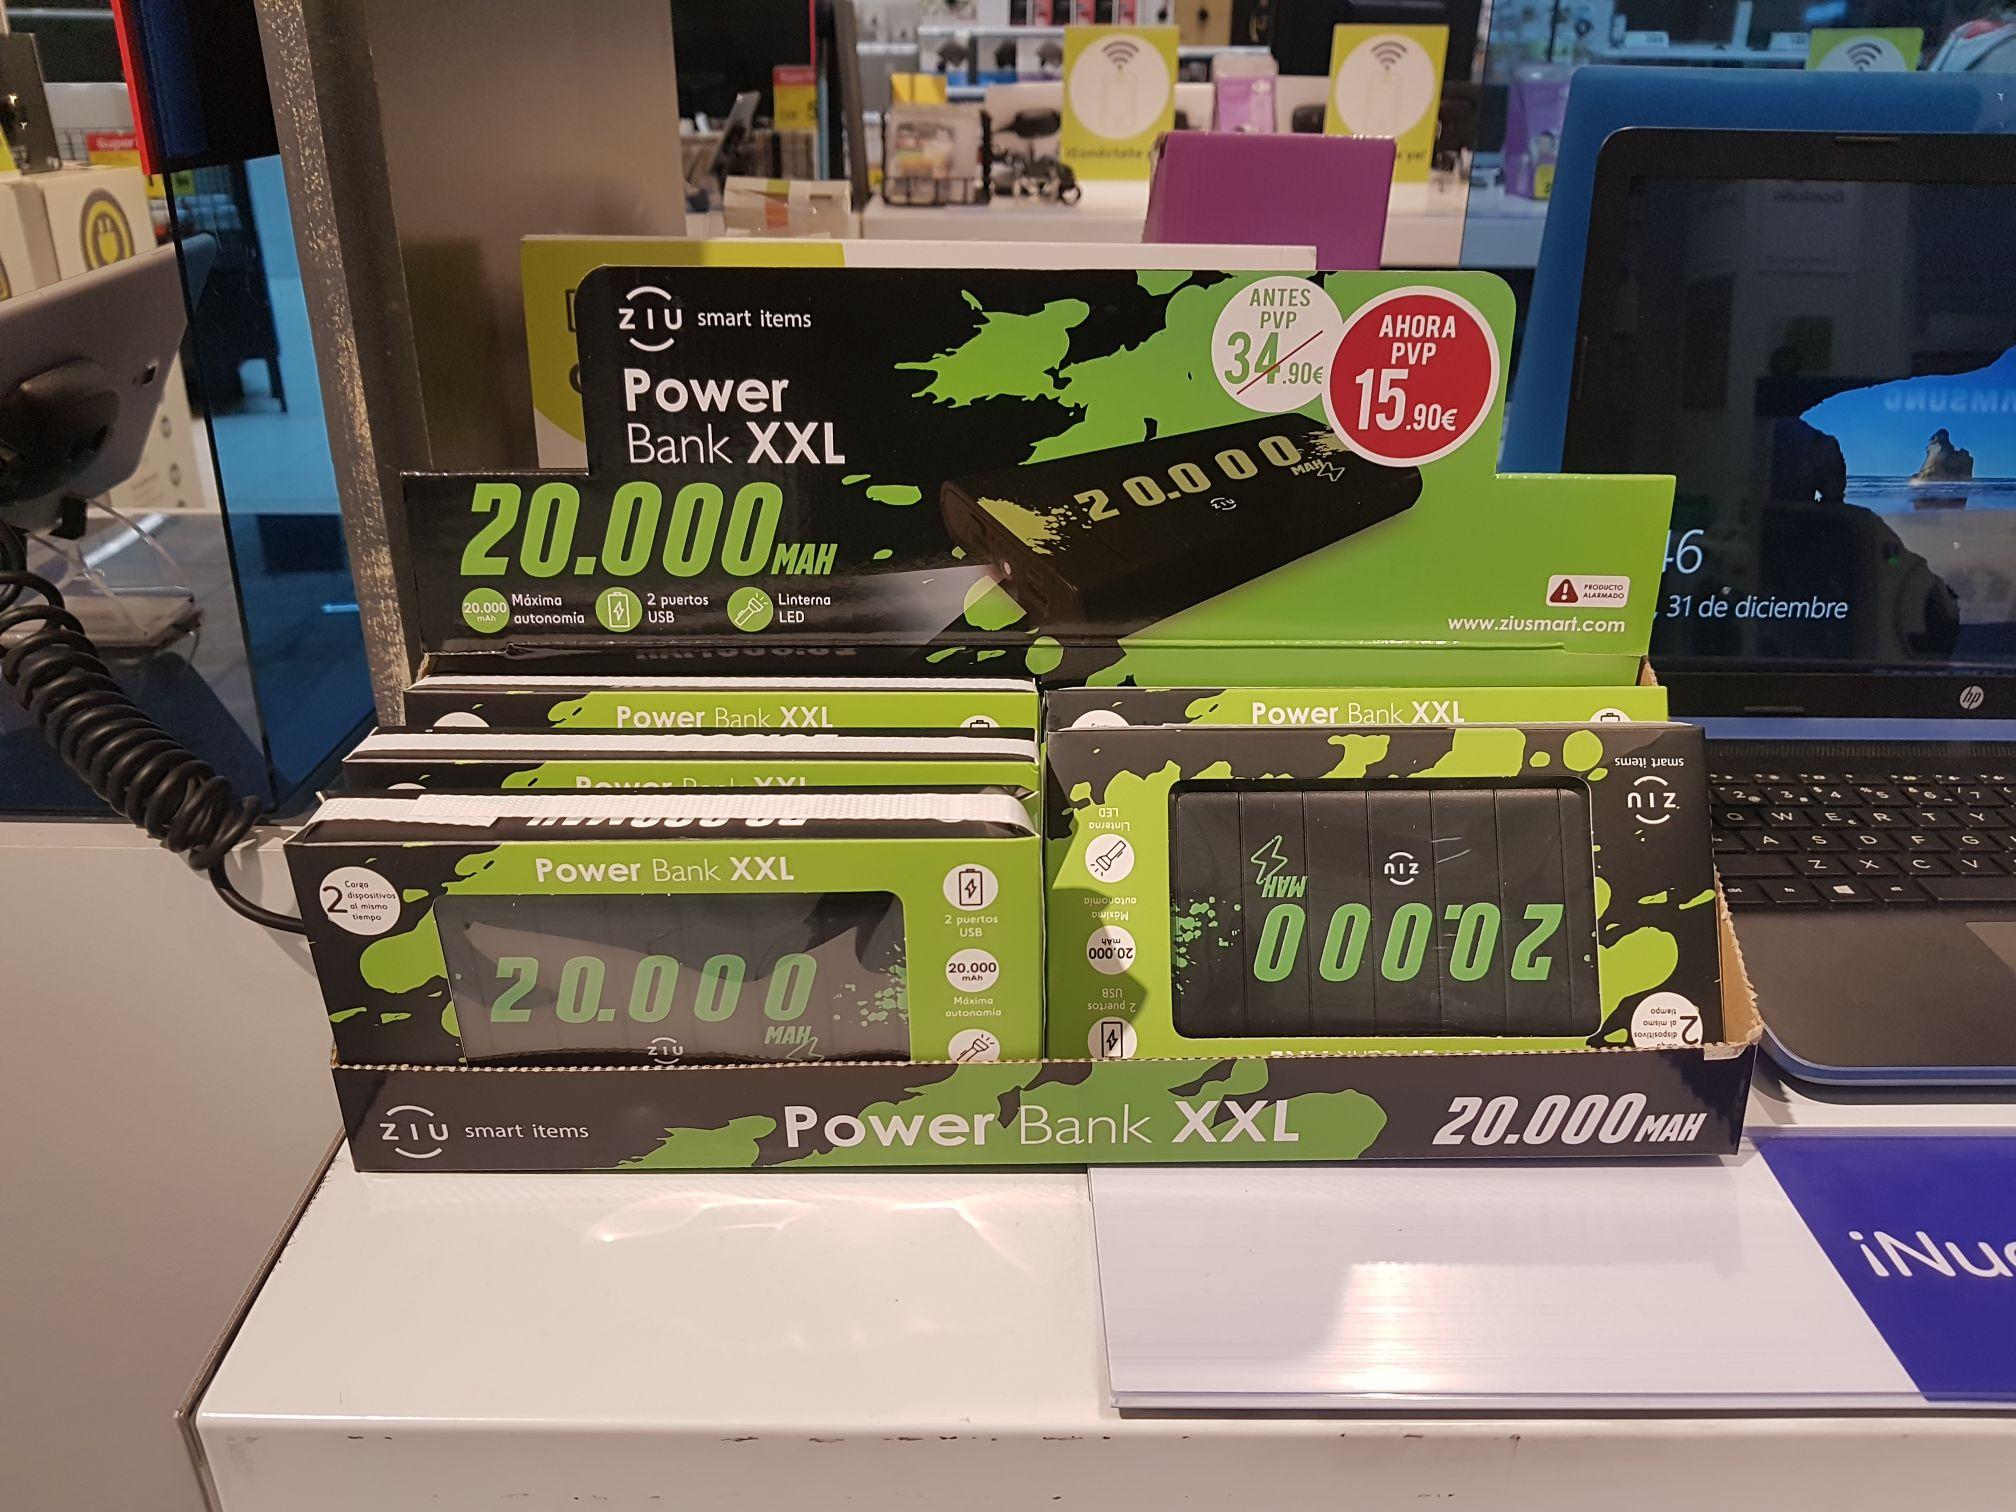 Bateria externa con 20.000 mah de capacidad (Carrefour de Tenerife)